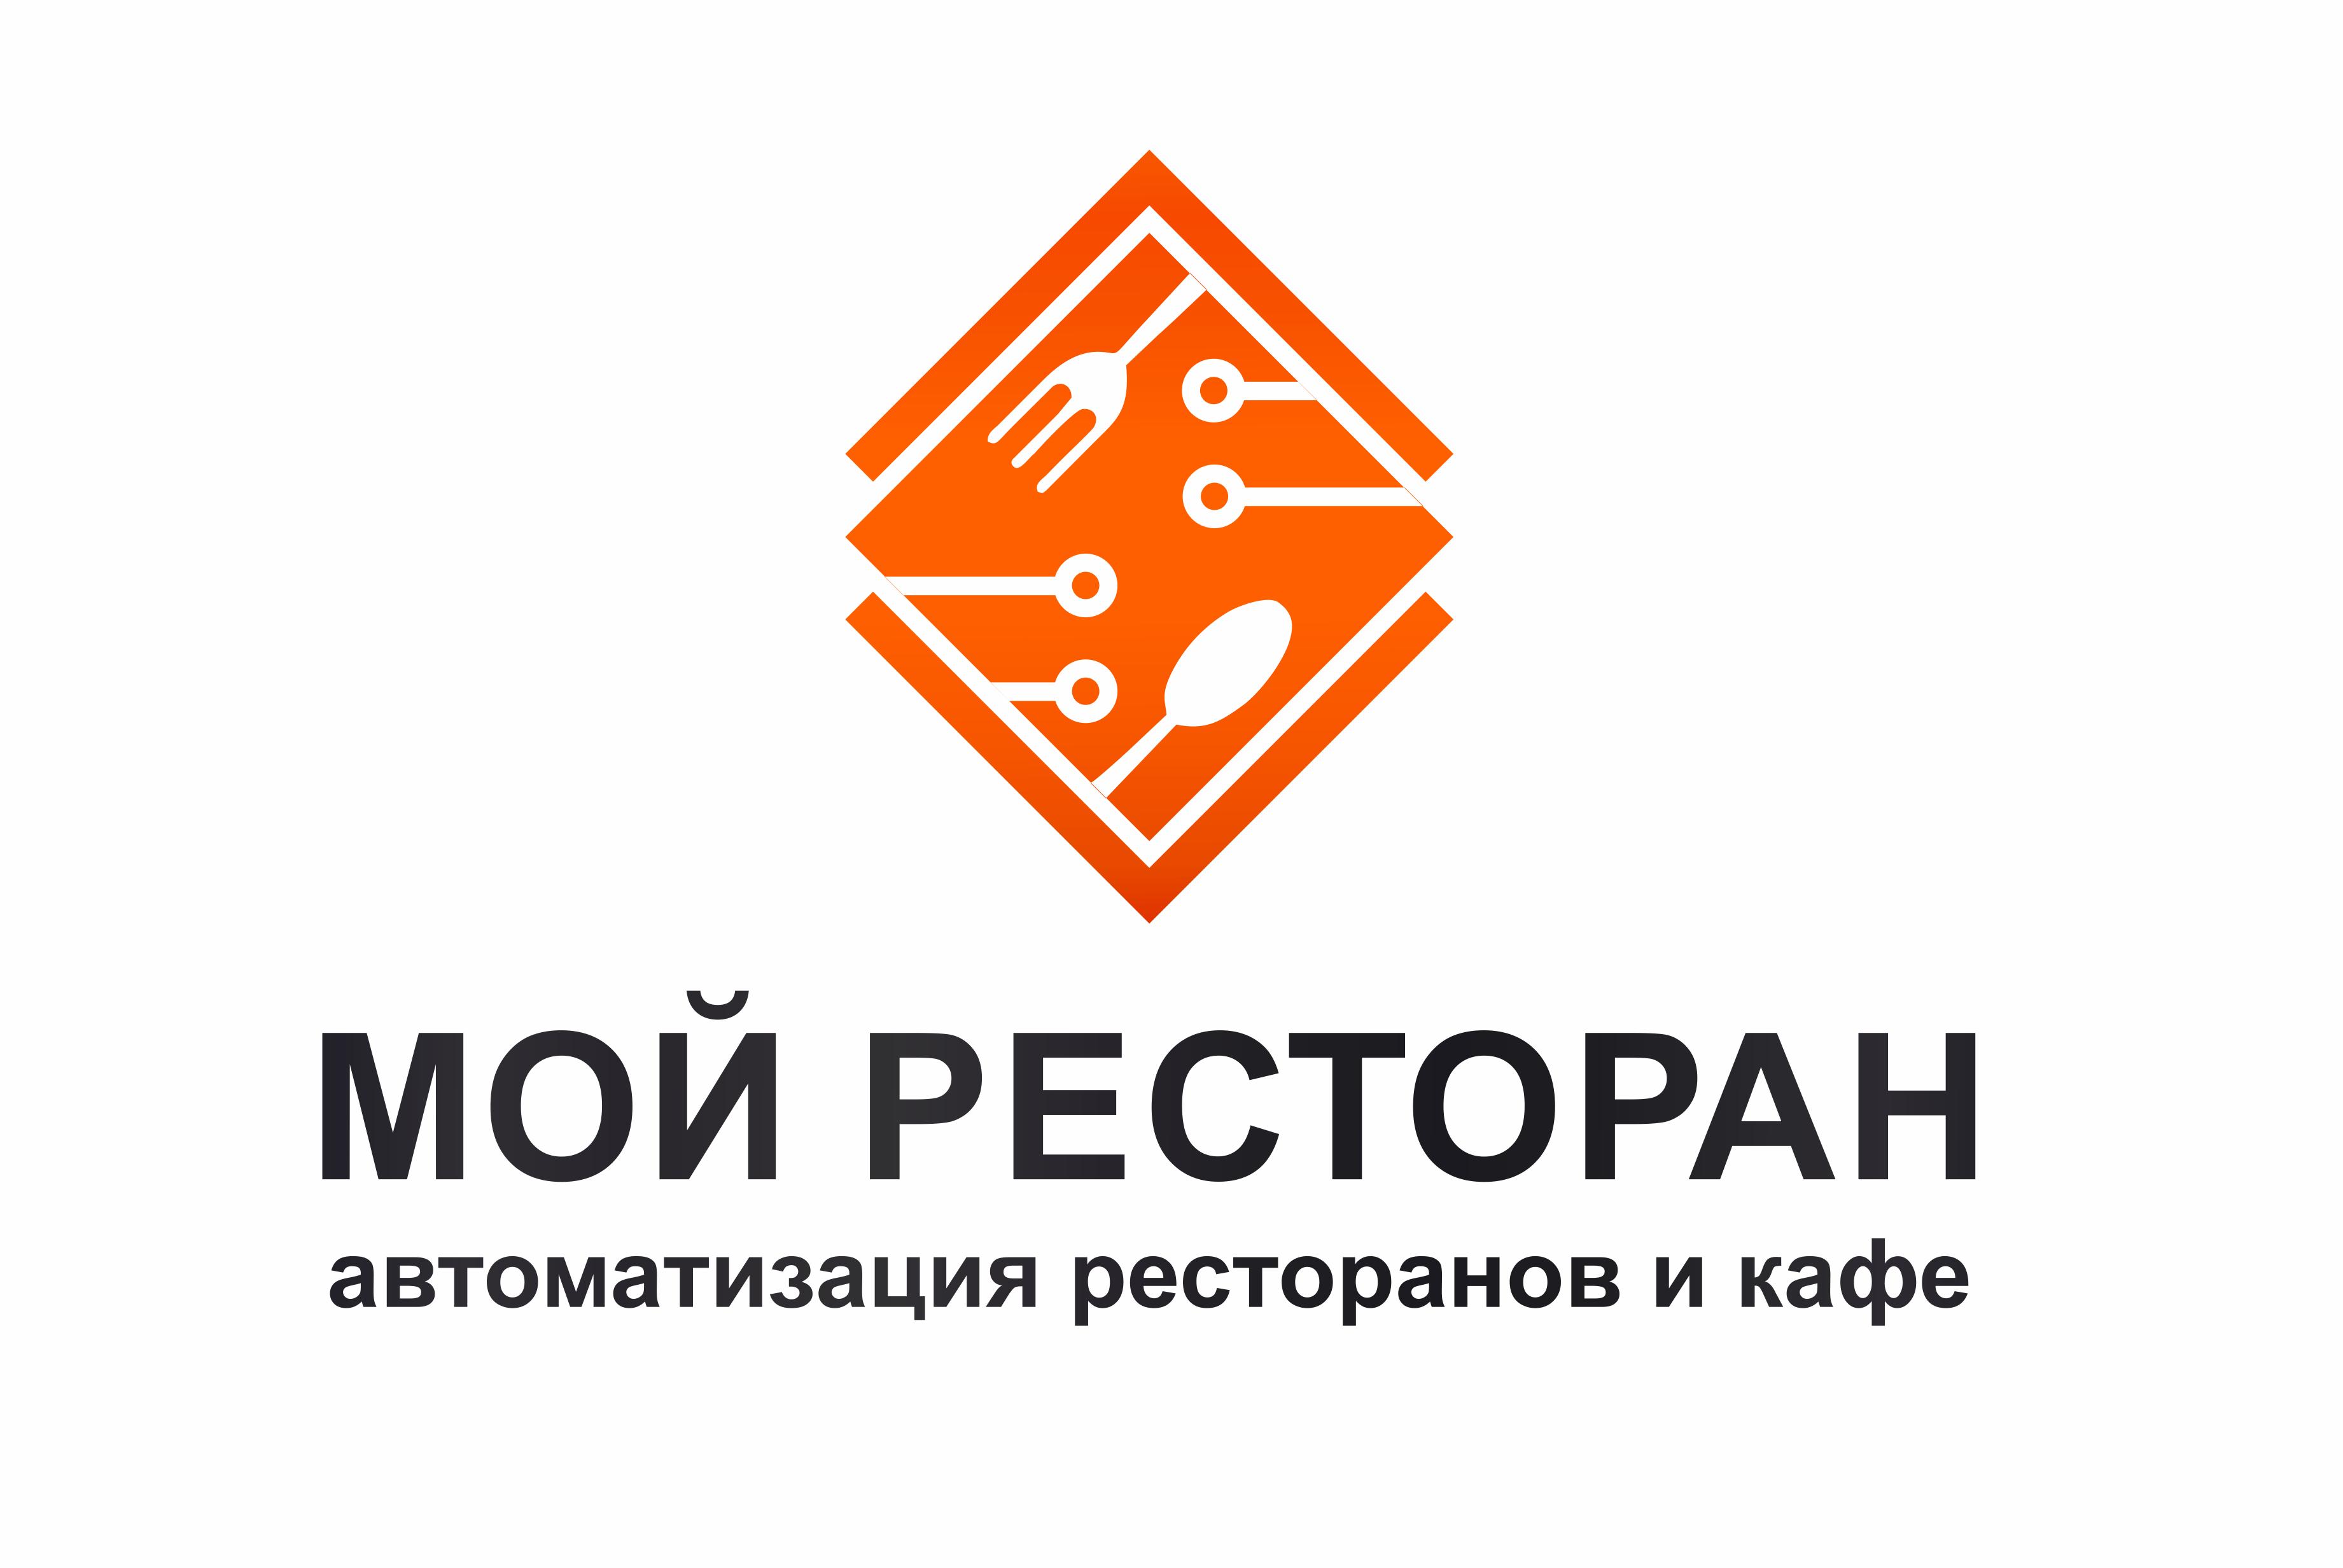 Разработать логотип и фавикон для IT- компании фото f_7025d53aa66c41e1.png